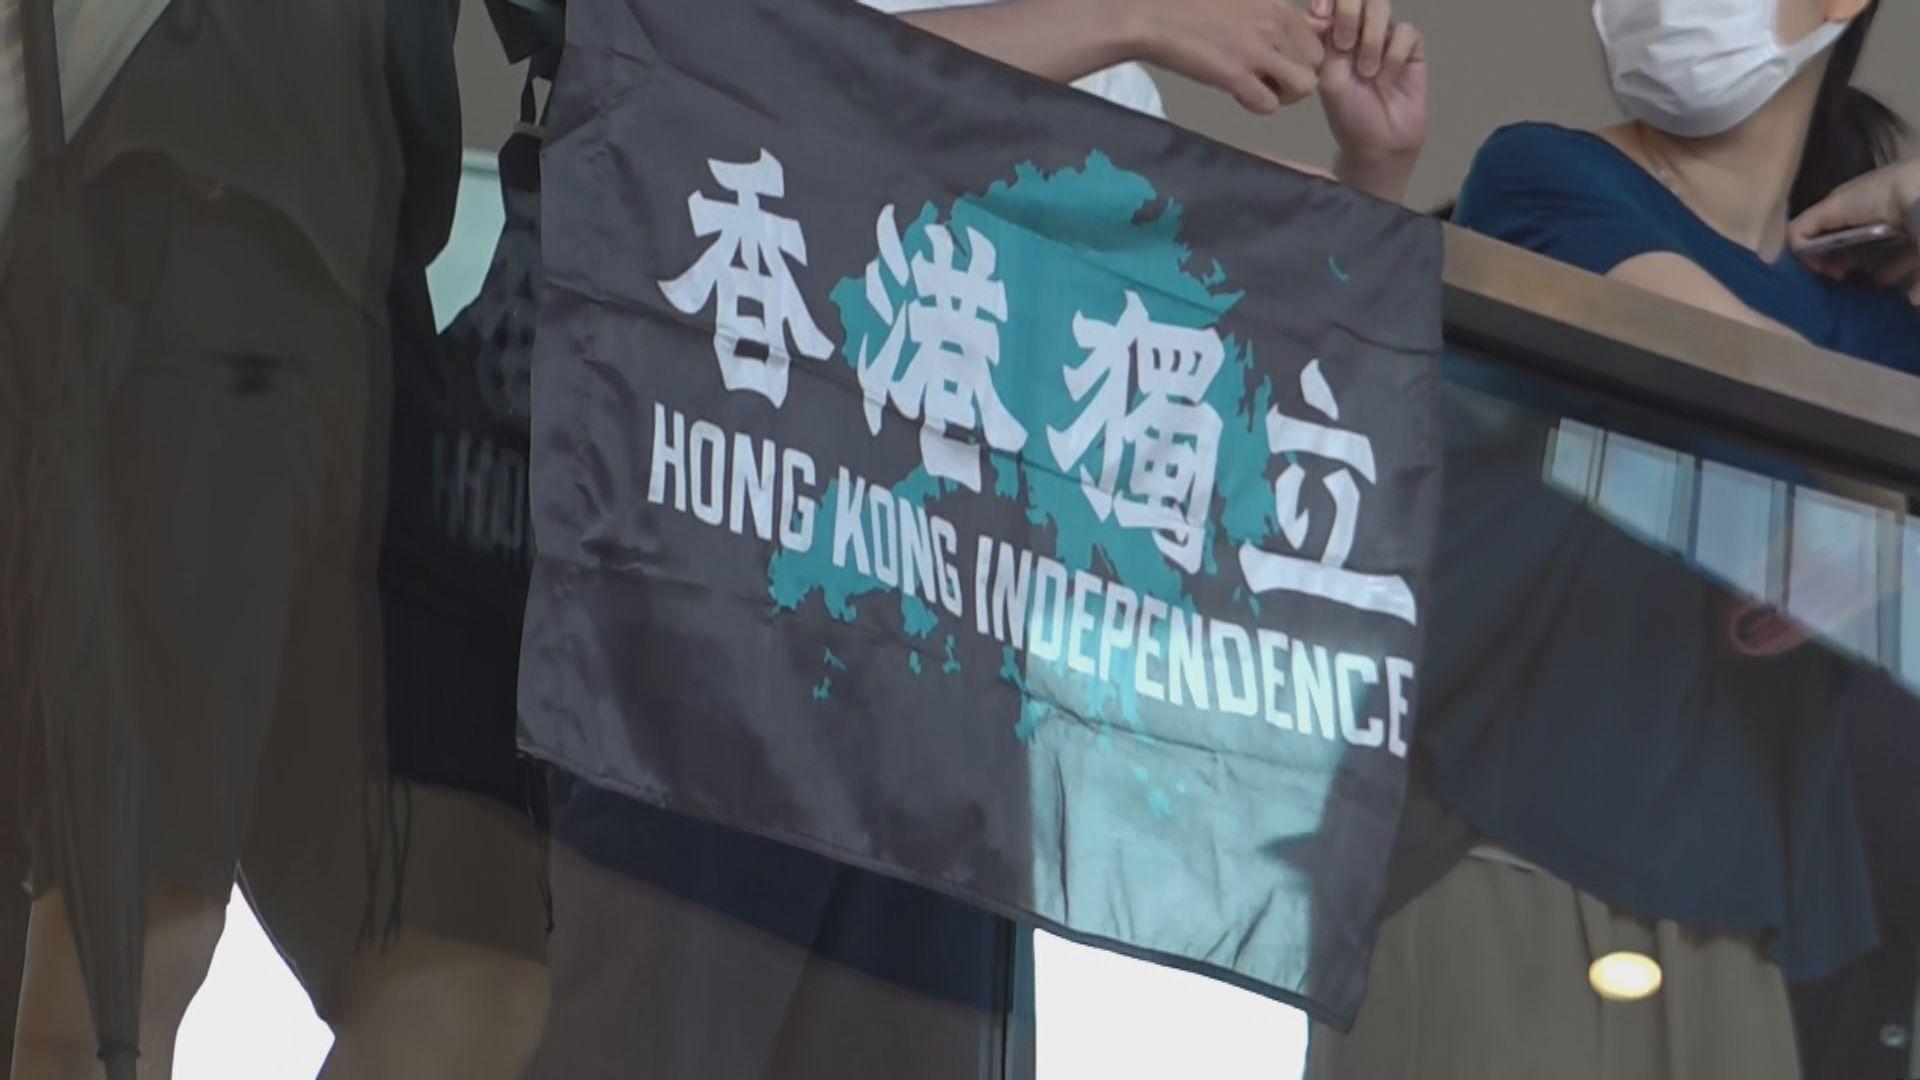 消息指警方會拘捕公開揮動港獨旗幟人士